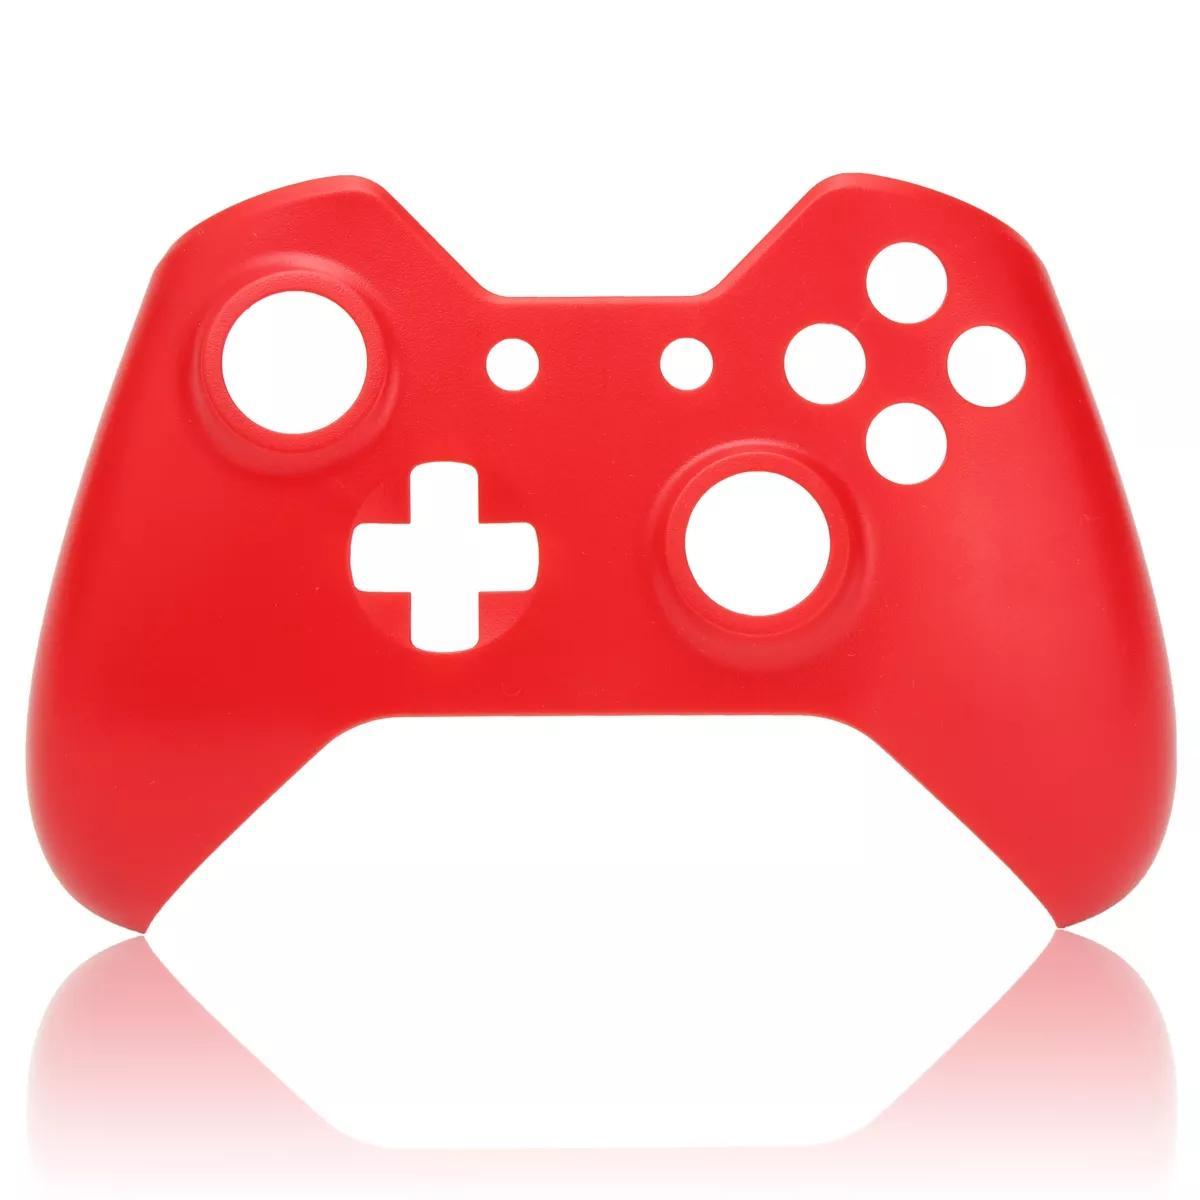 Xbox One Game Controller için Yumuşak Dokunuş Ön Konut Shell Ön kapak Değişimi - Mor